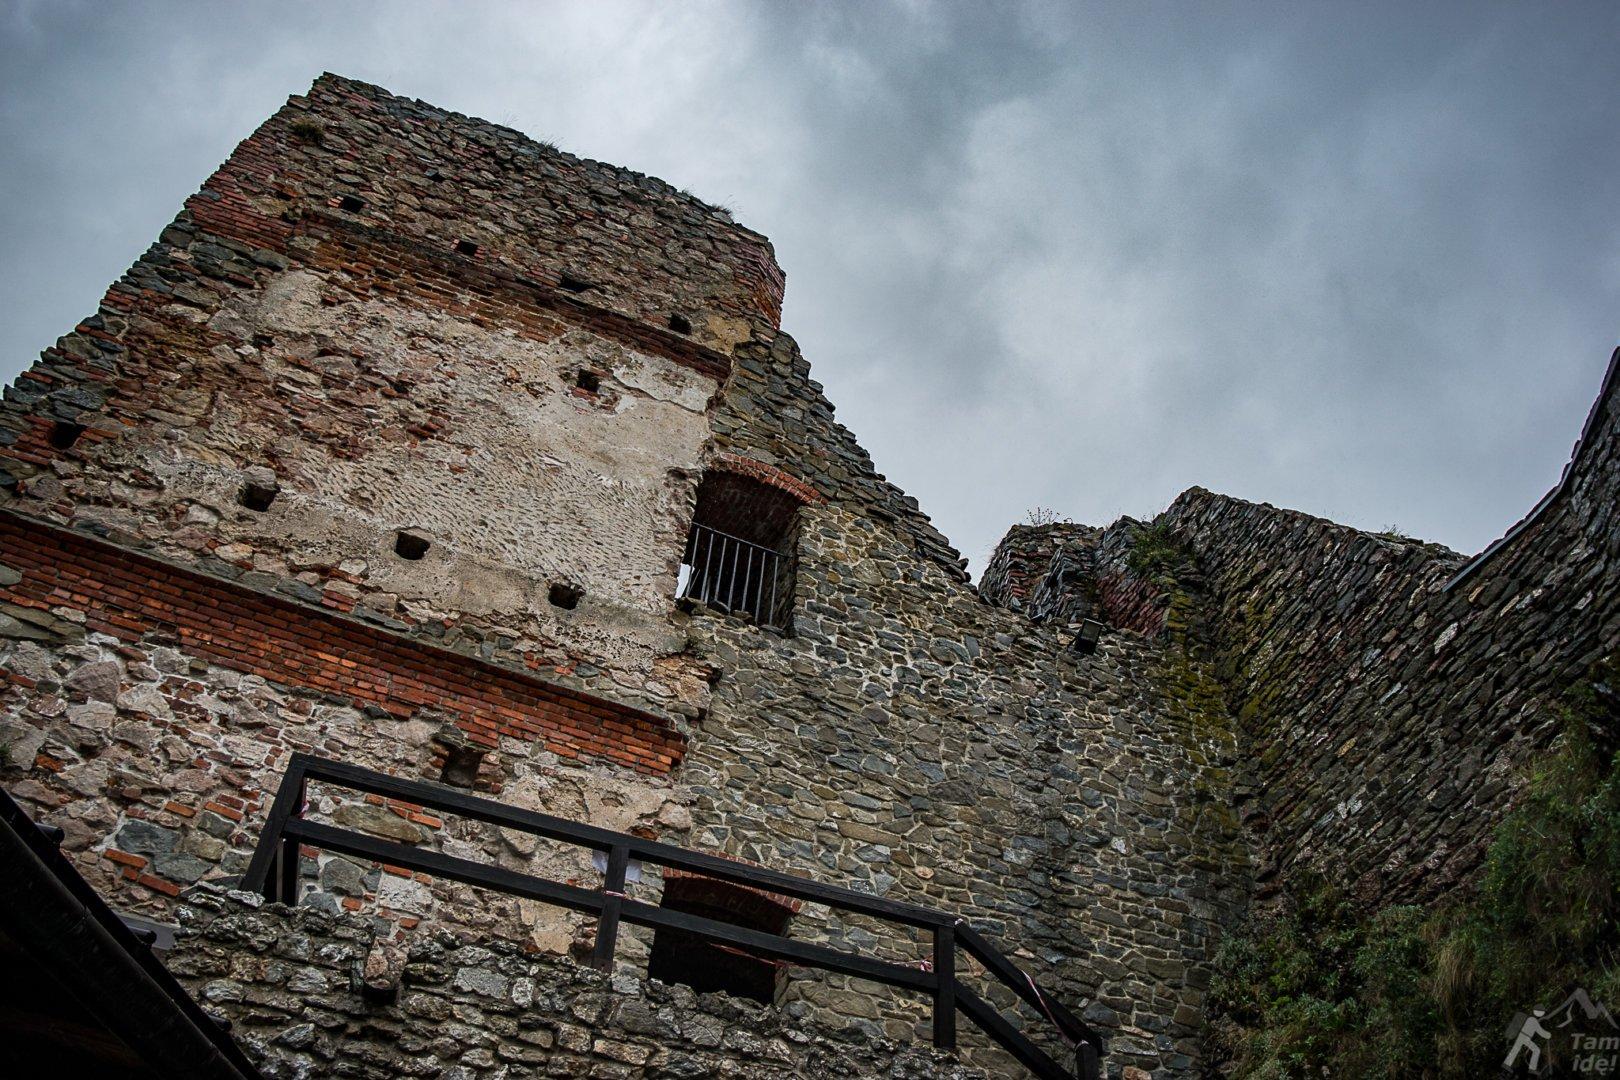 Zamek w Czorsztynie - renesansowa baszta Baranowskiego